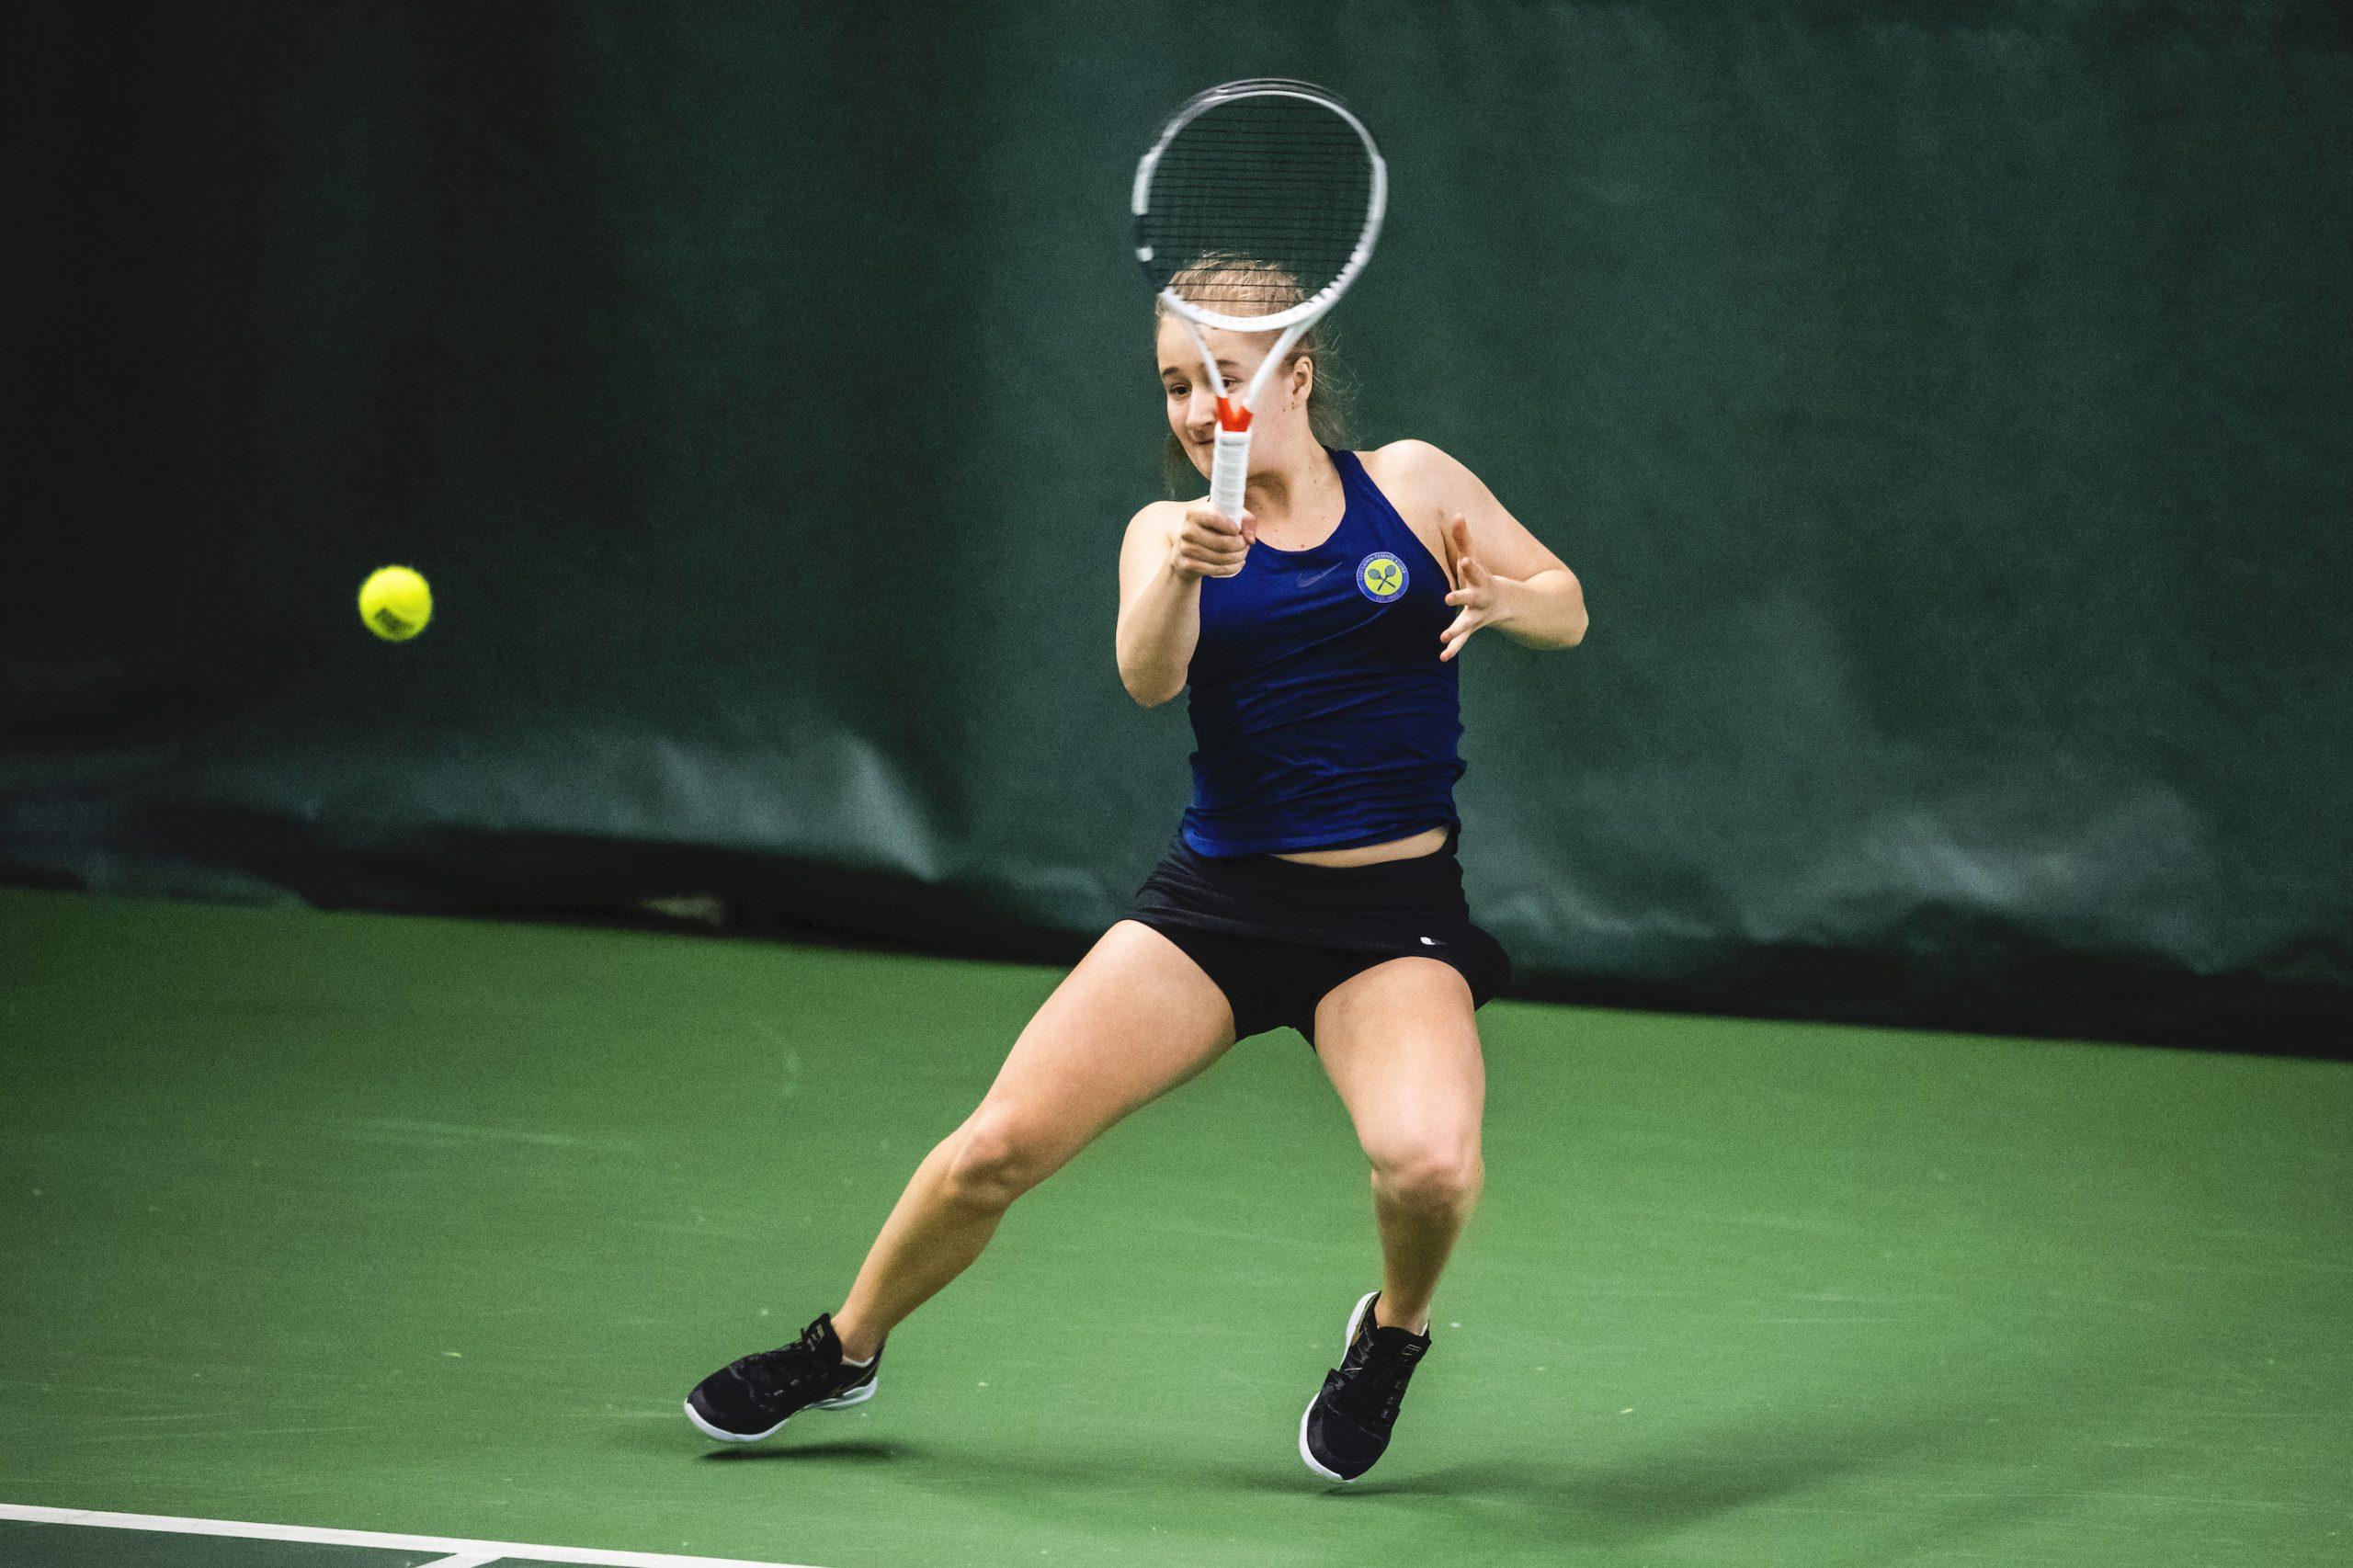 Kontinen Välieriin Dohassa Ja Ruusuvuori Puolivälieriin Bendigossa | Suomen Tennisliitto